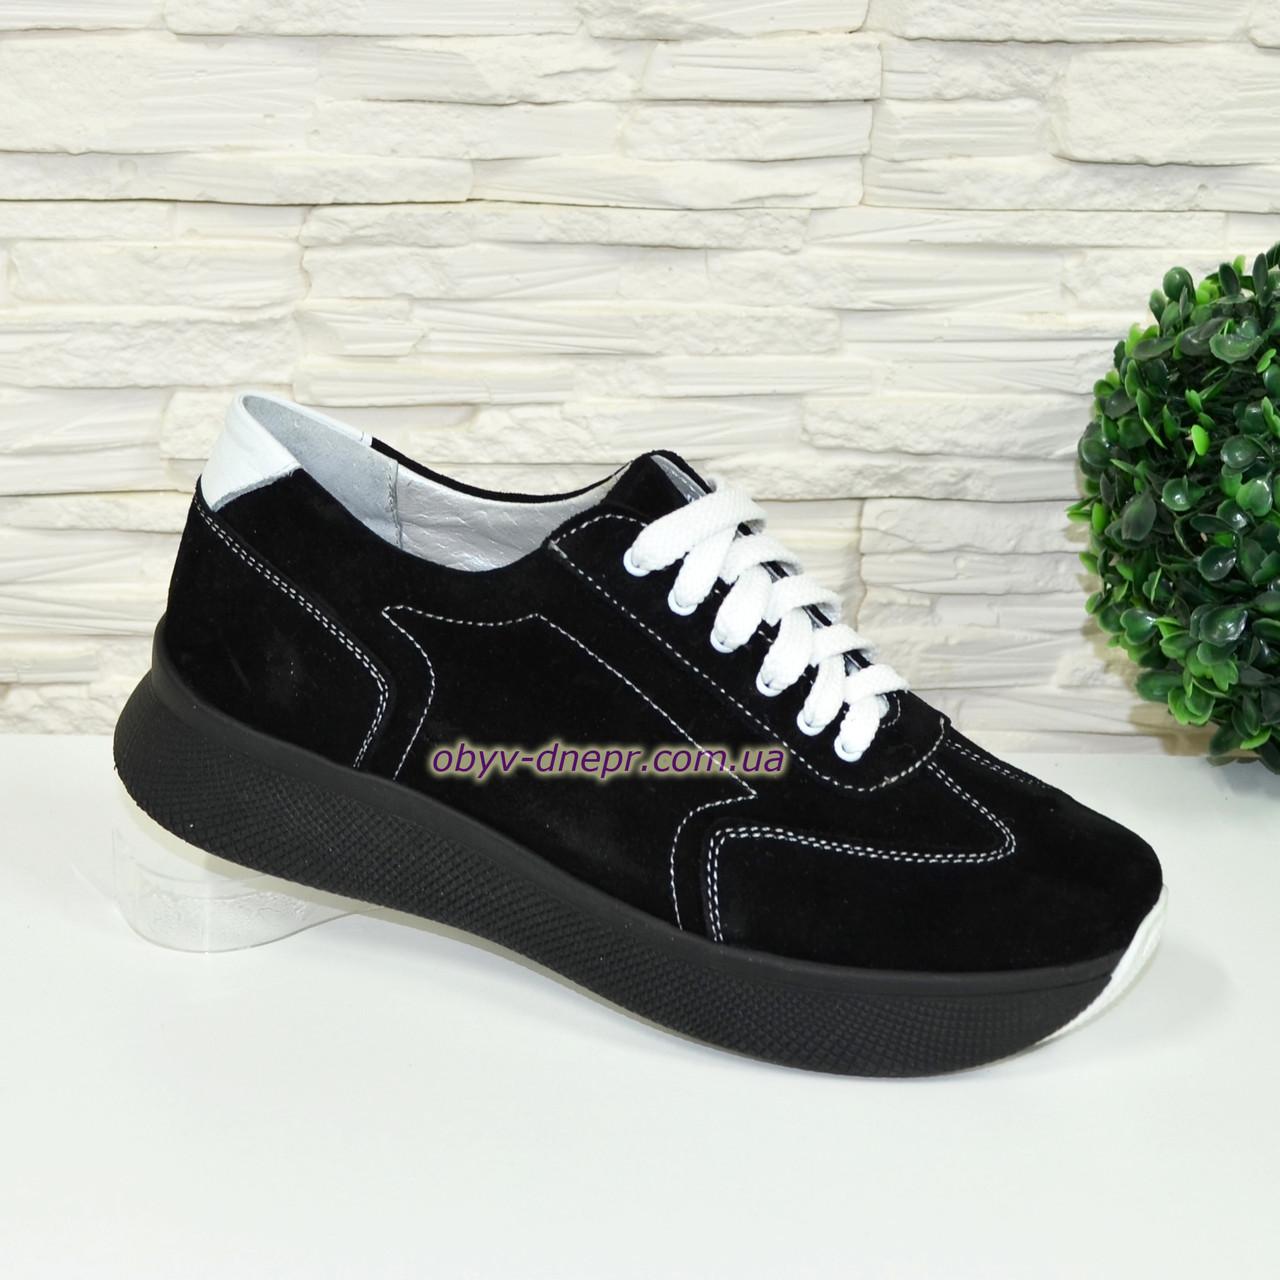 Туфли-кроссовки замшевые женские на утолщенной подошве